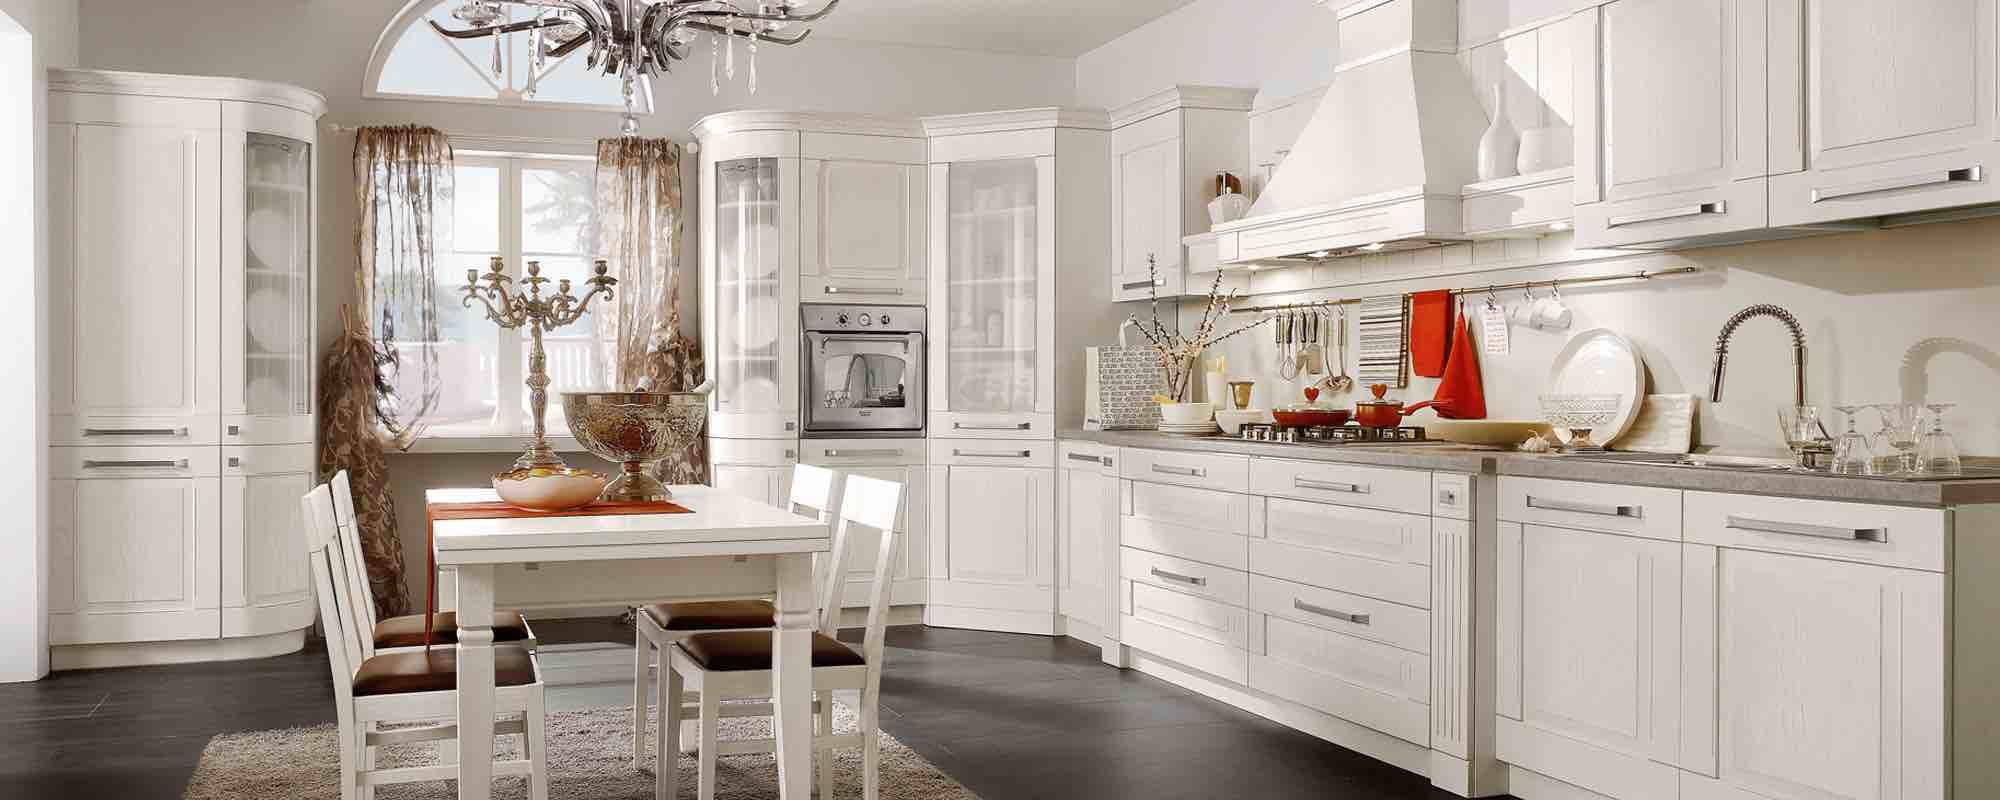 Cucine classiche - Vibo Valentia - SCARCIA ARREDAMENTI